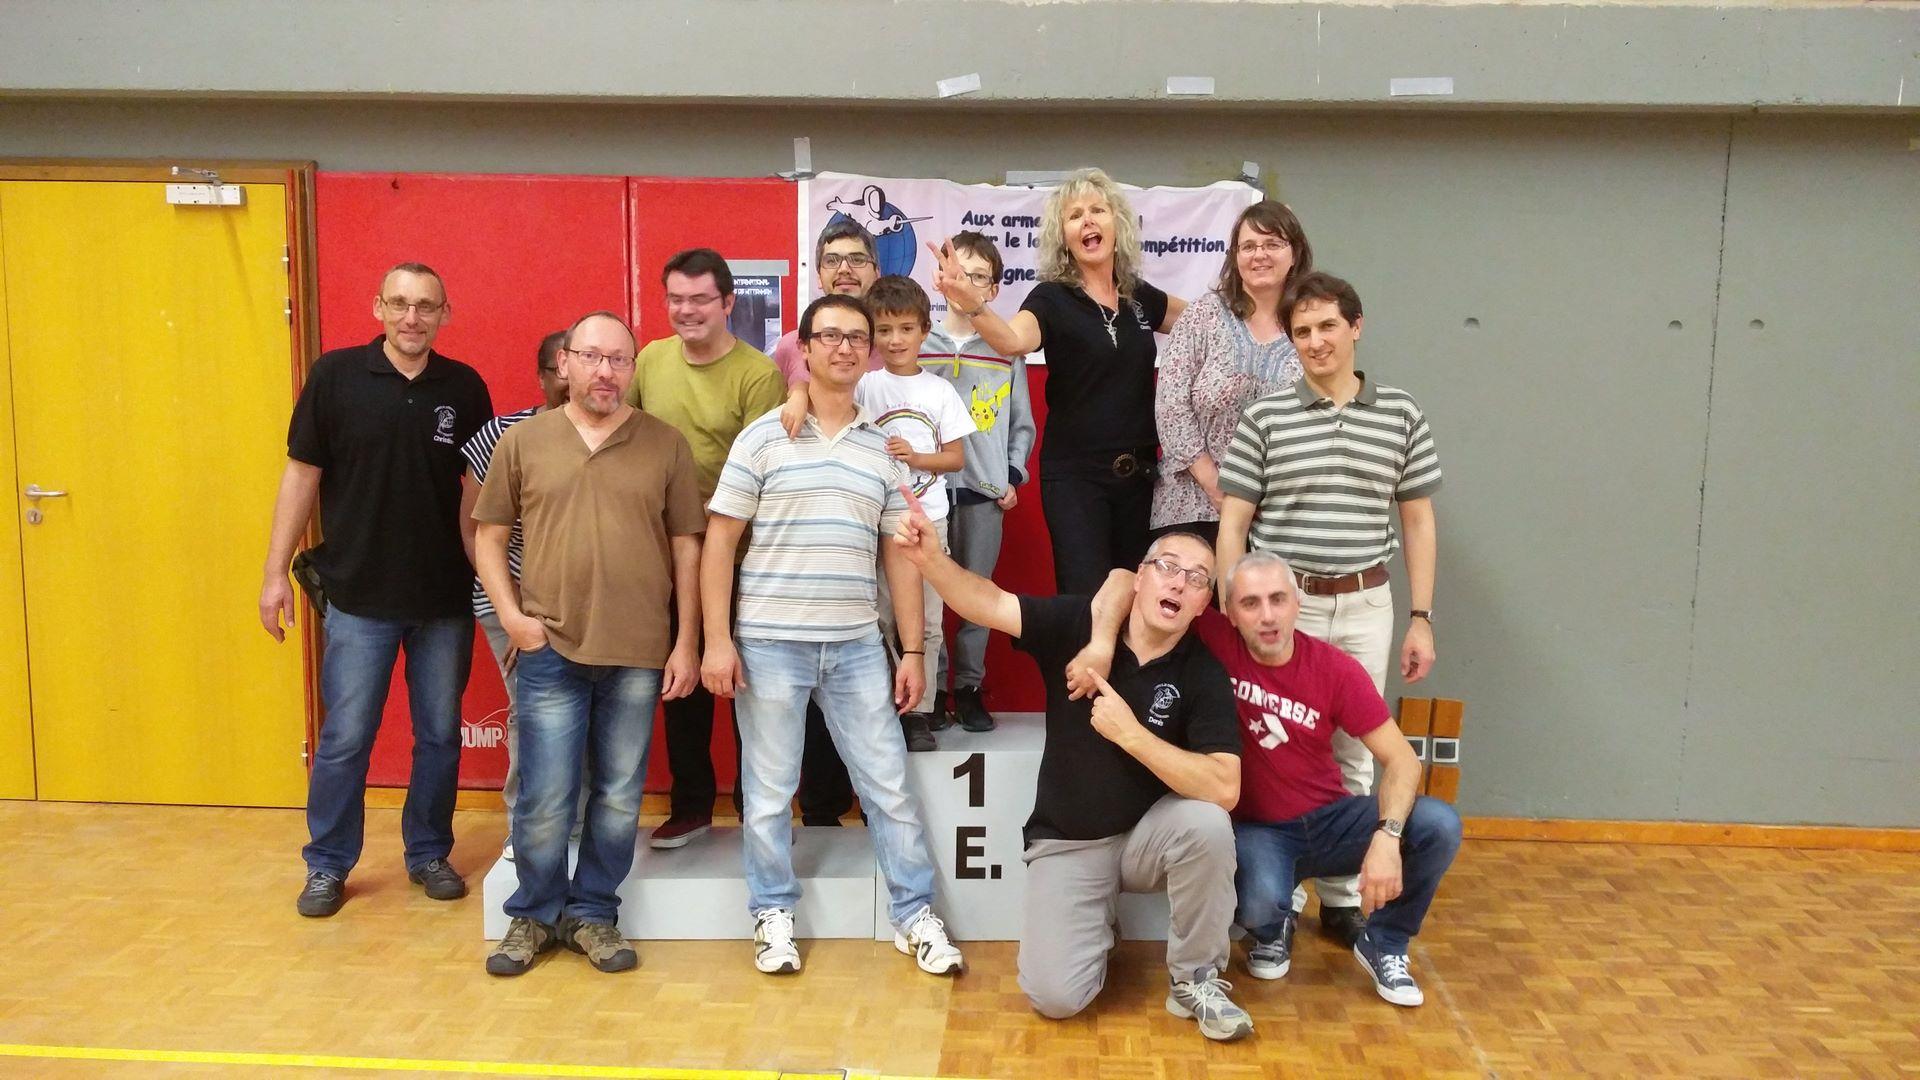 Bénévoles du tournoi d'escrime de Wittenheim 2017